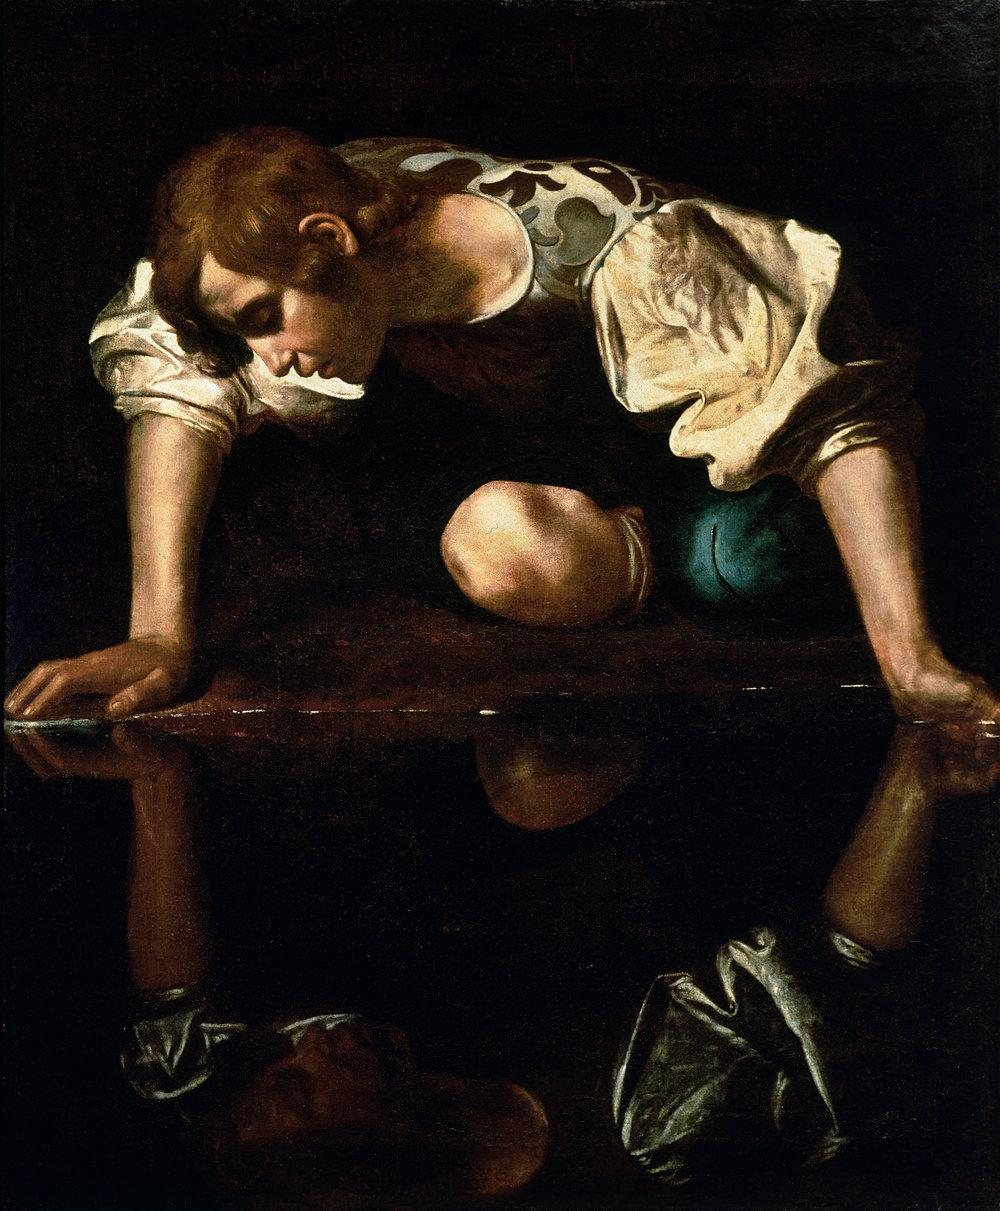 Narcissus by Michelangelo Merisi (or Amerighi) da Caravaggio, 1597-99